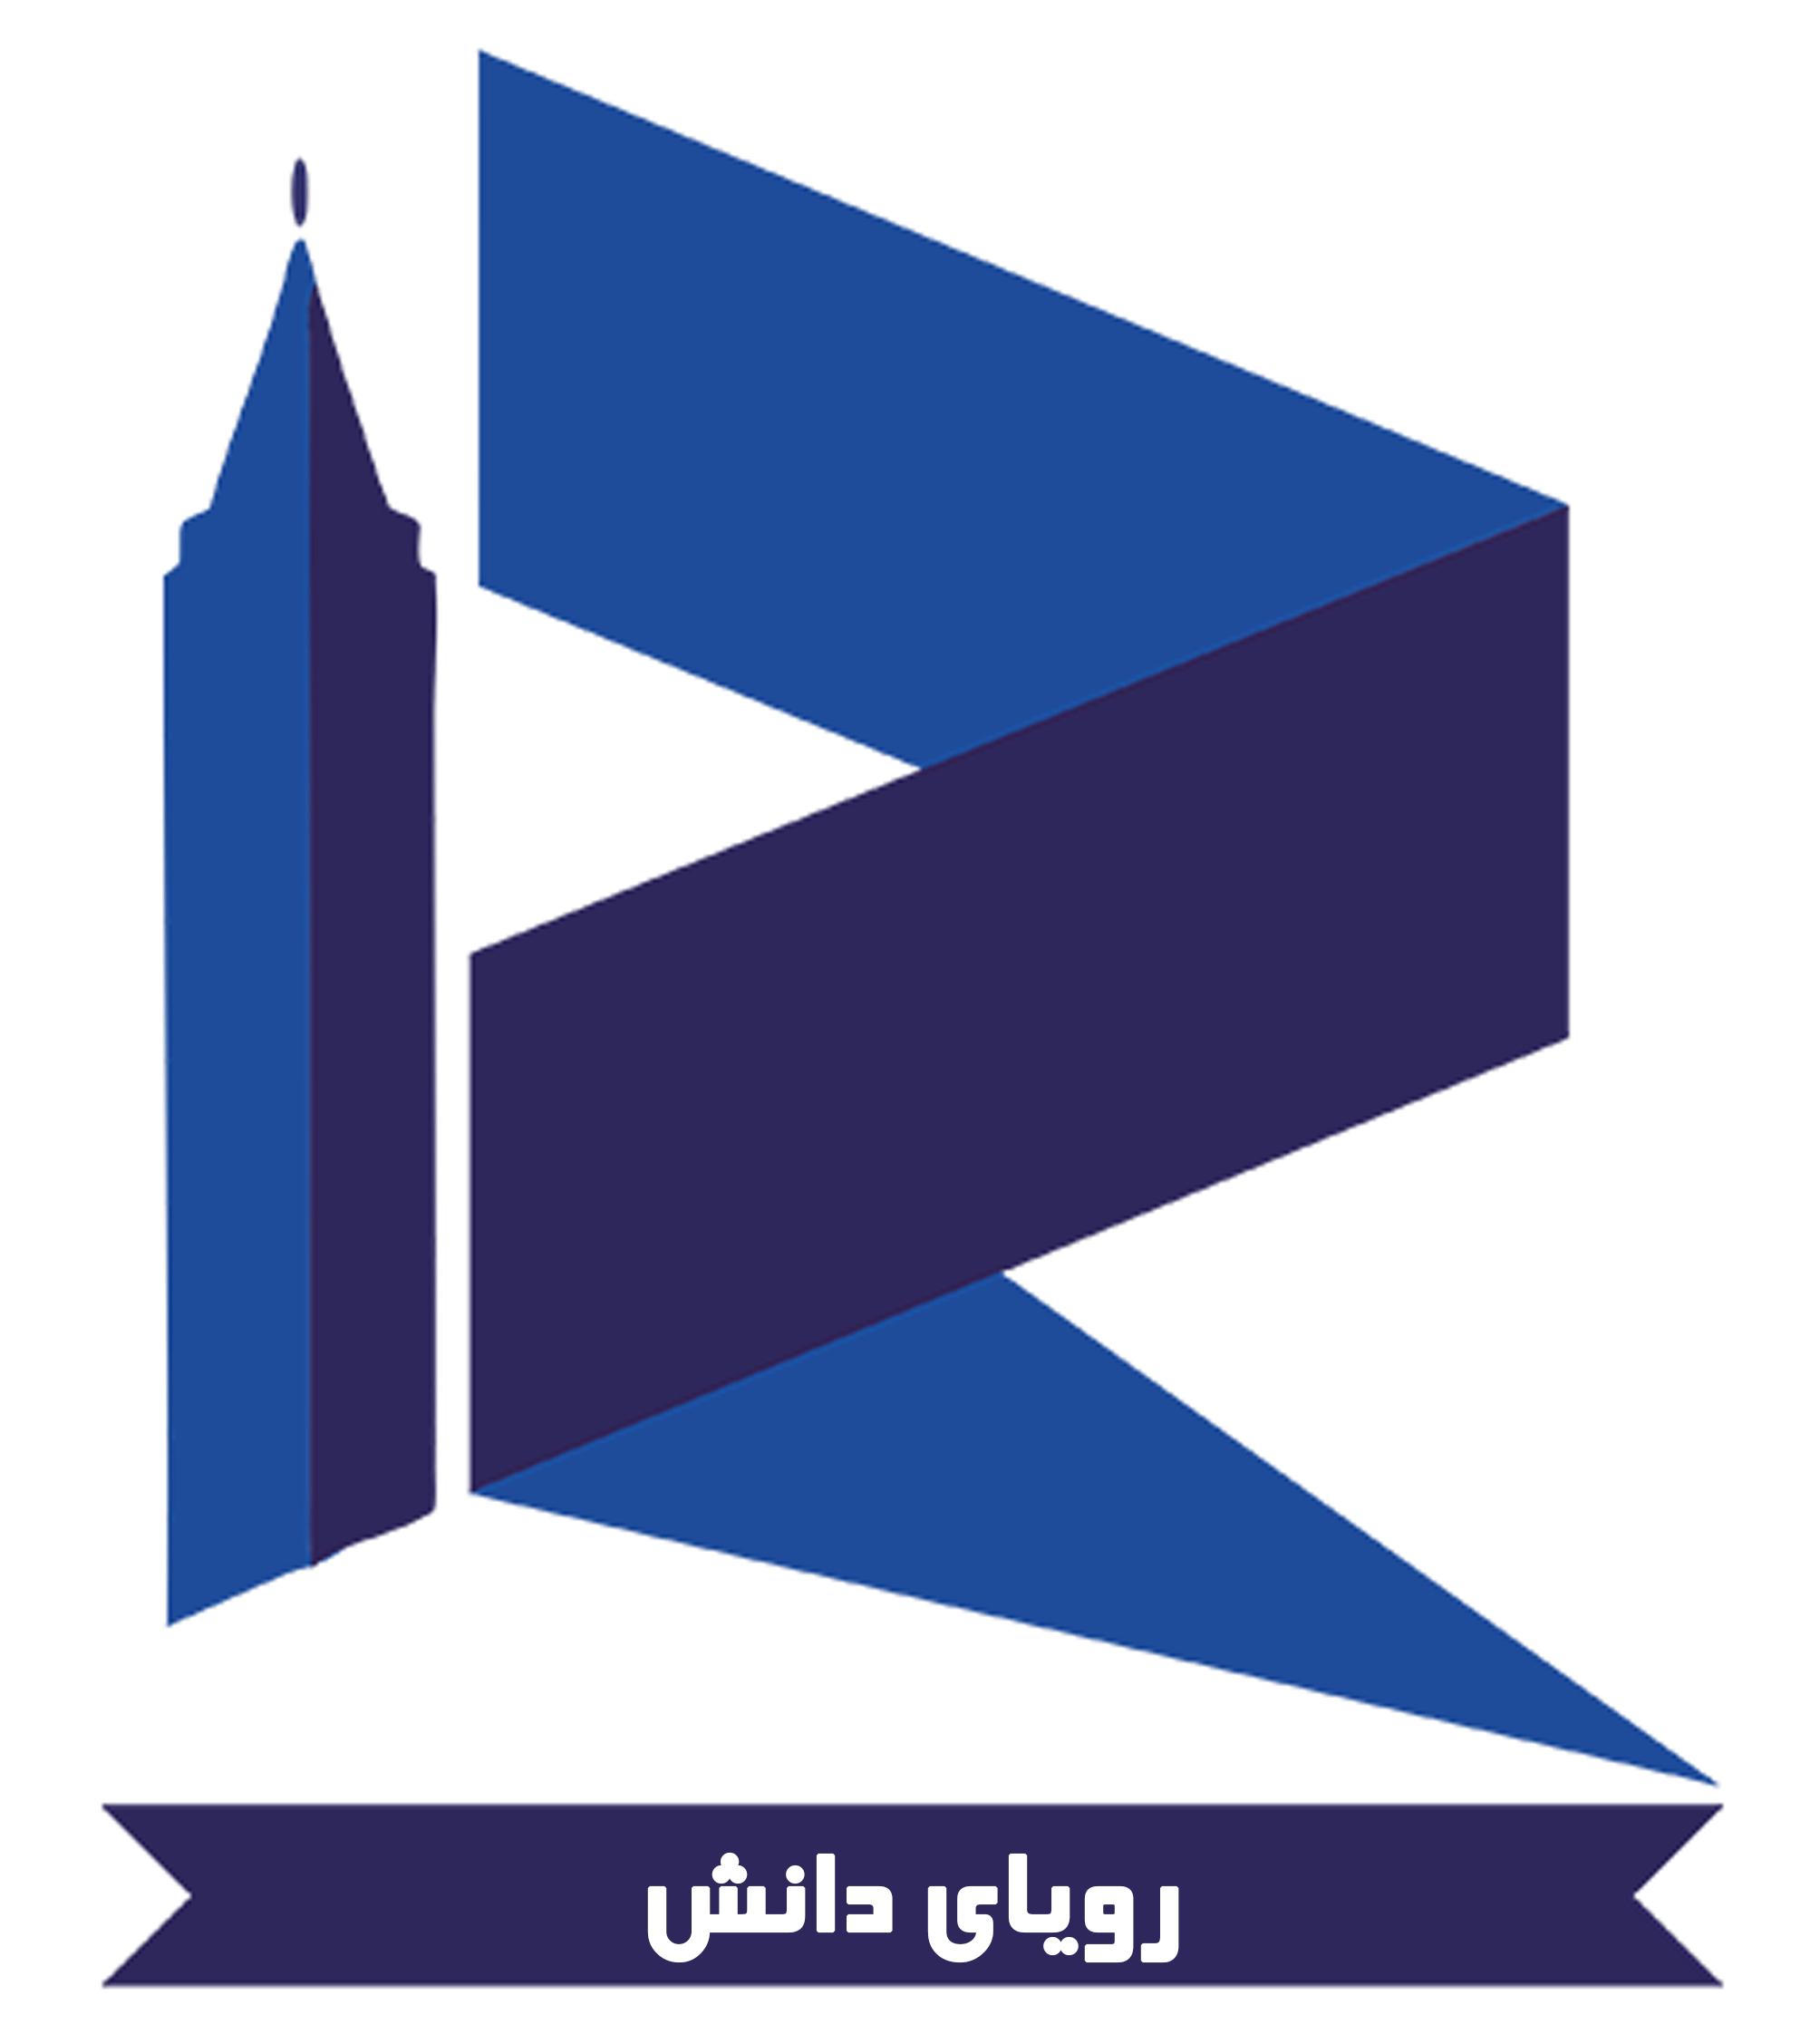 لوگوی رویای دانش